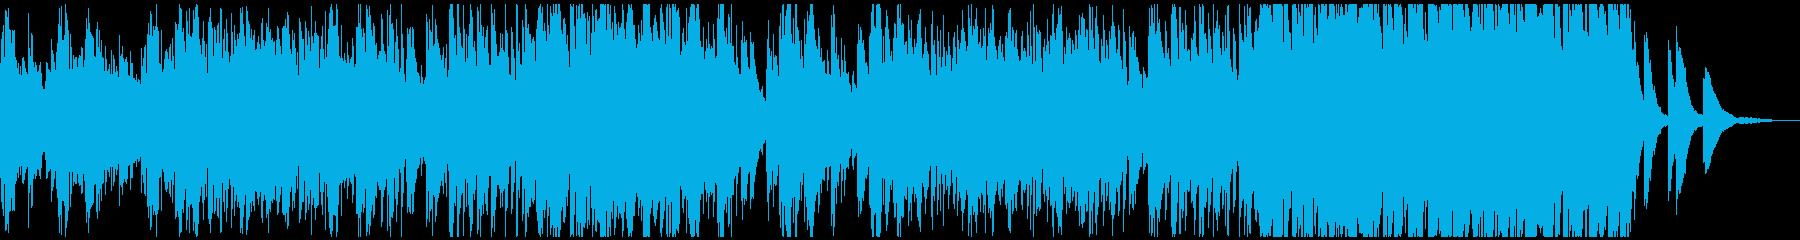 生アコギ/ゆったり/ピアノ/リラックスの再生済みの波形